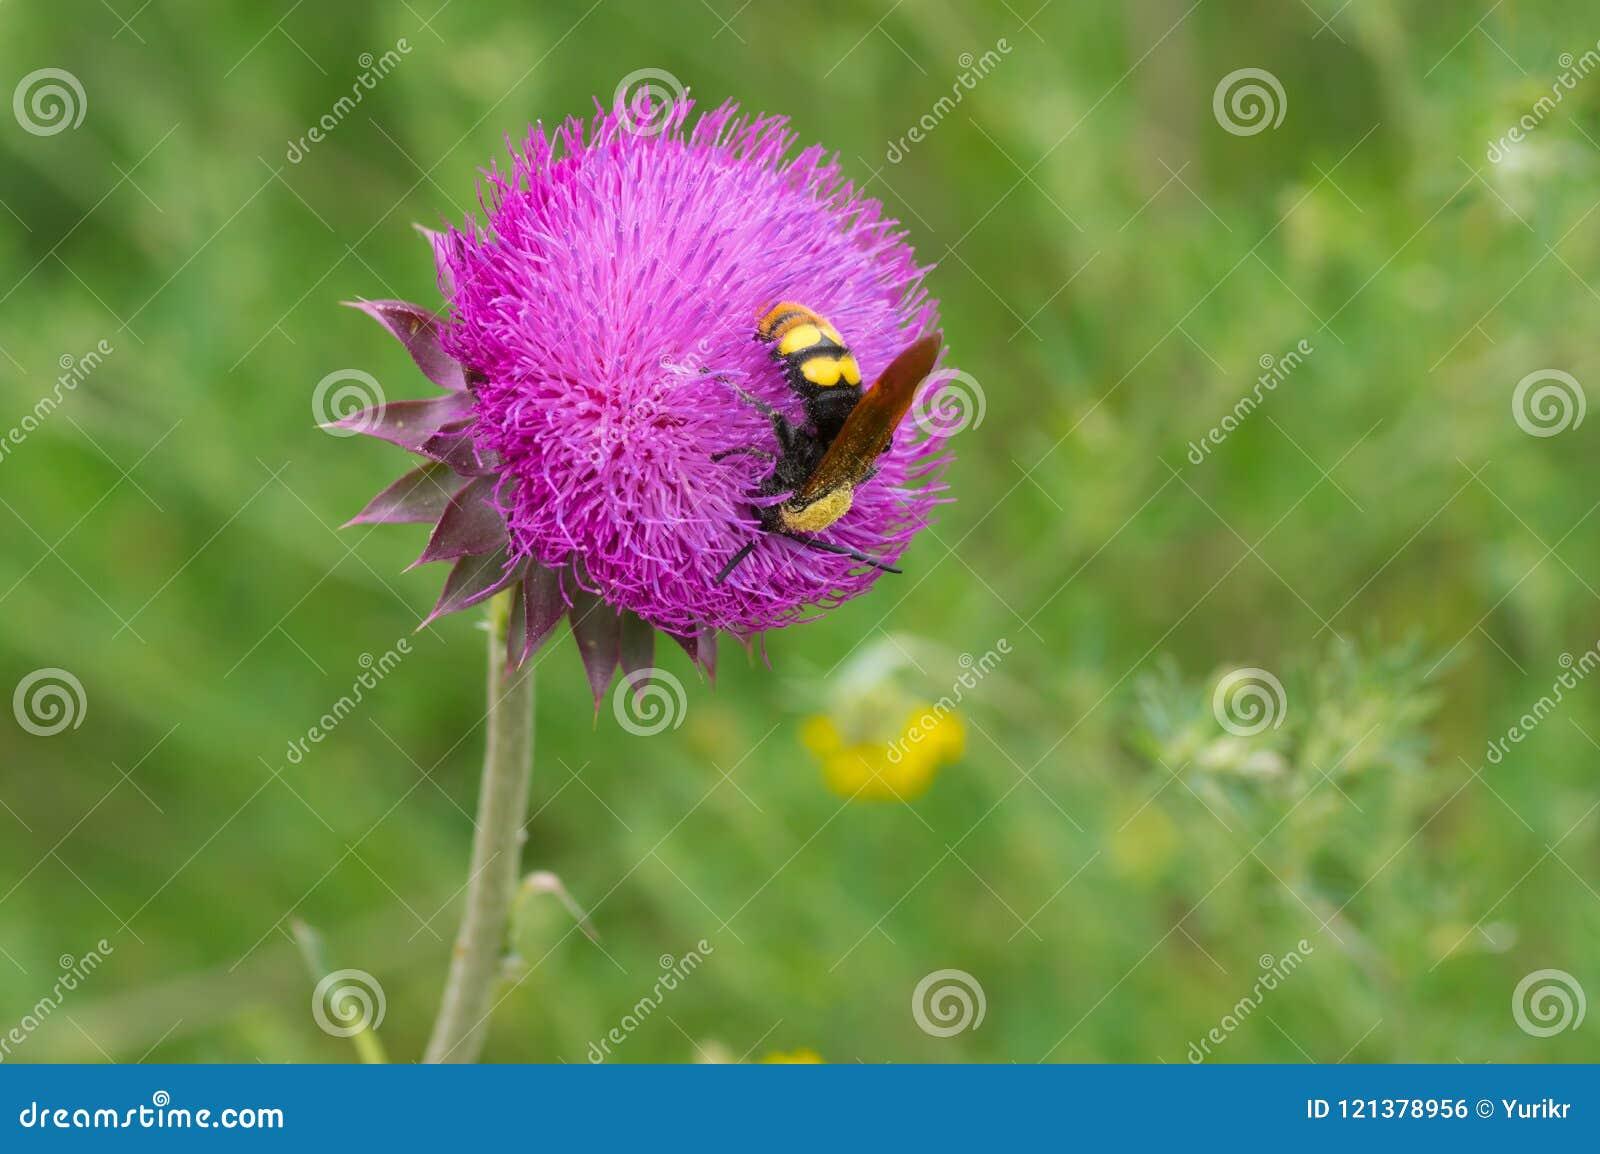 Vespa grande que suga o néctar em uma flor do cardo